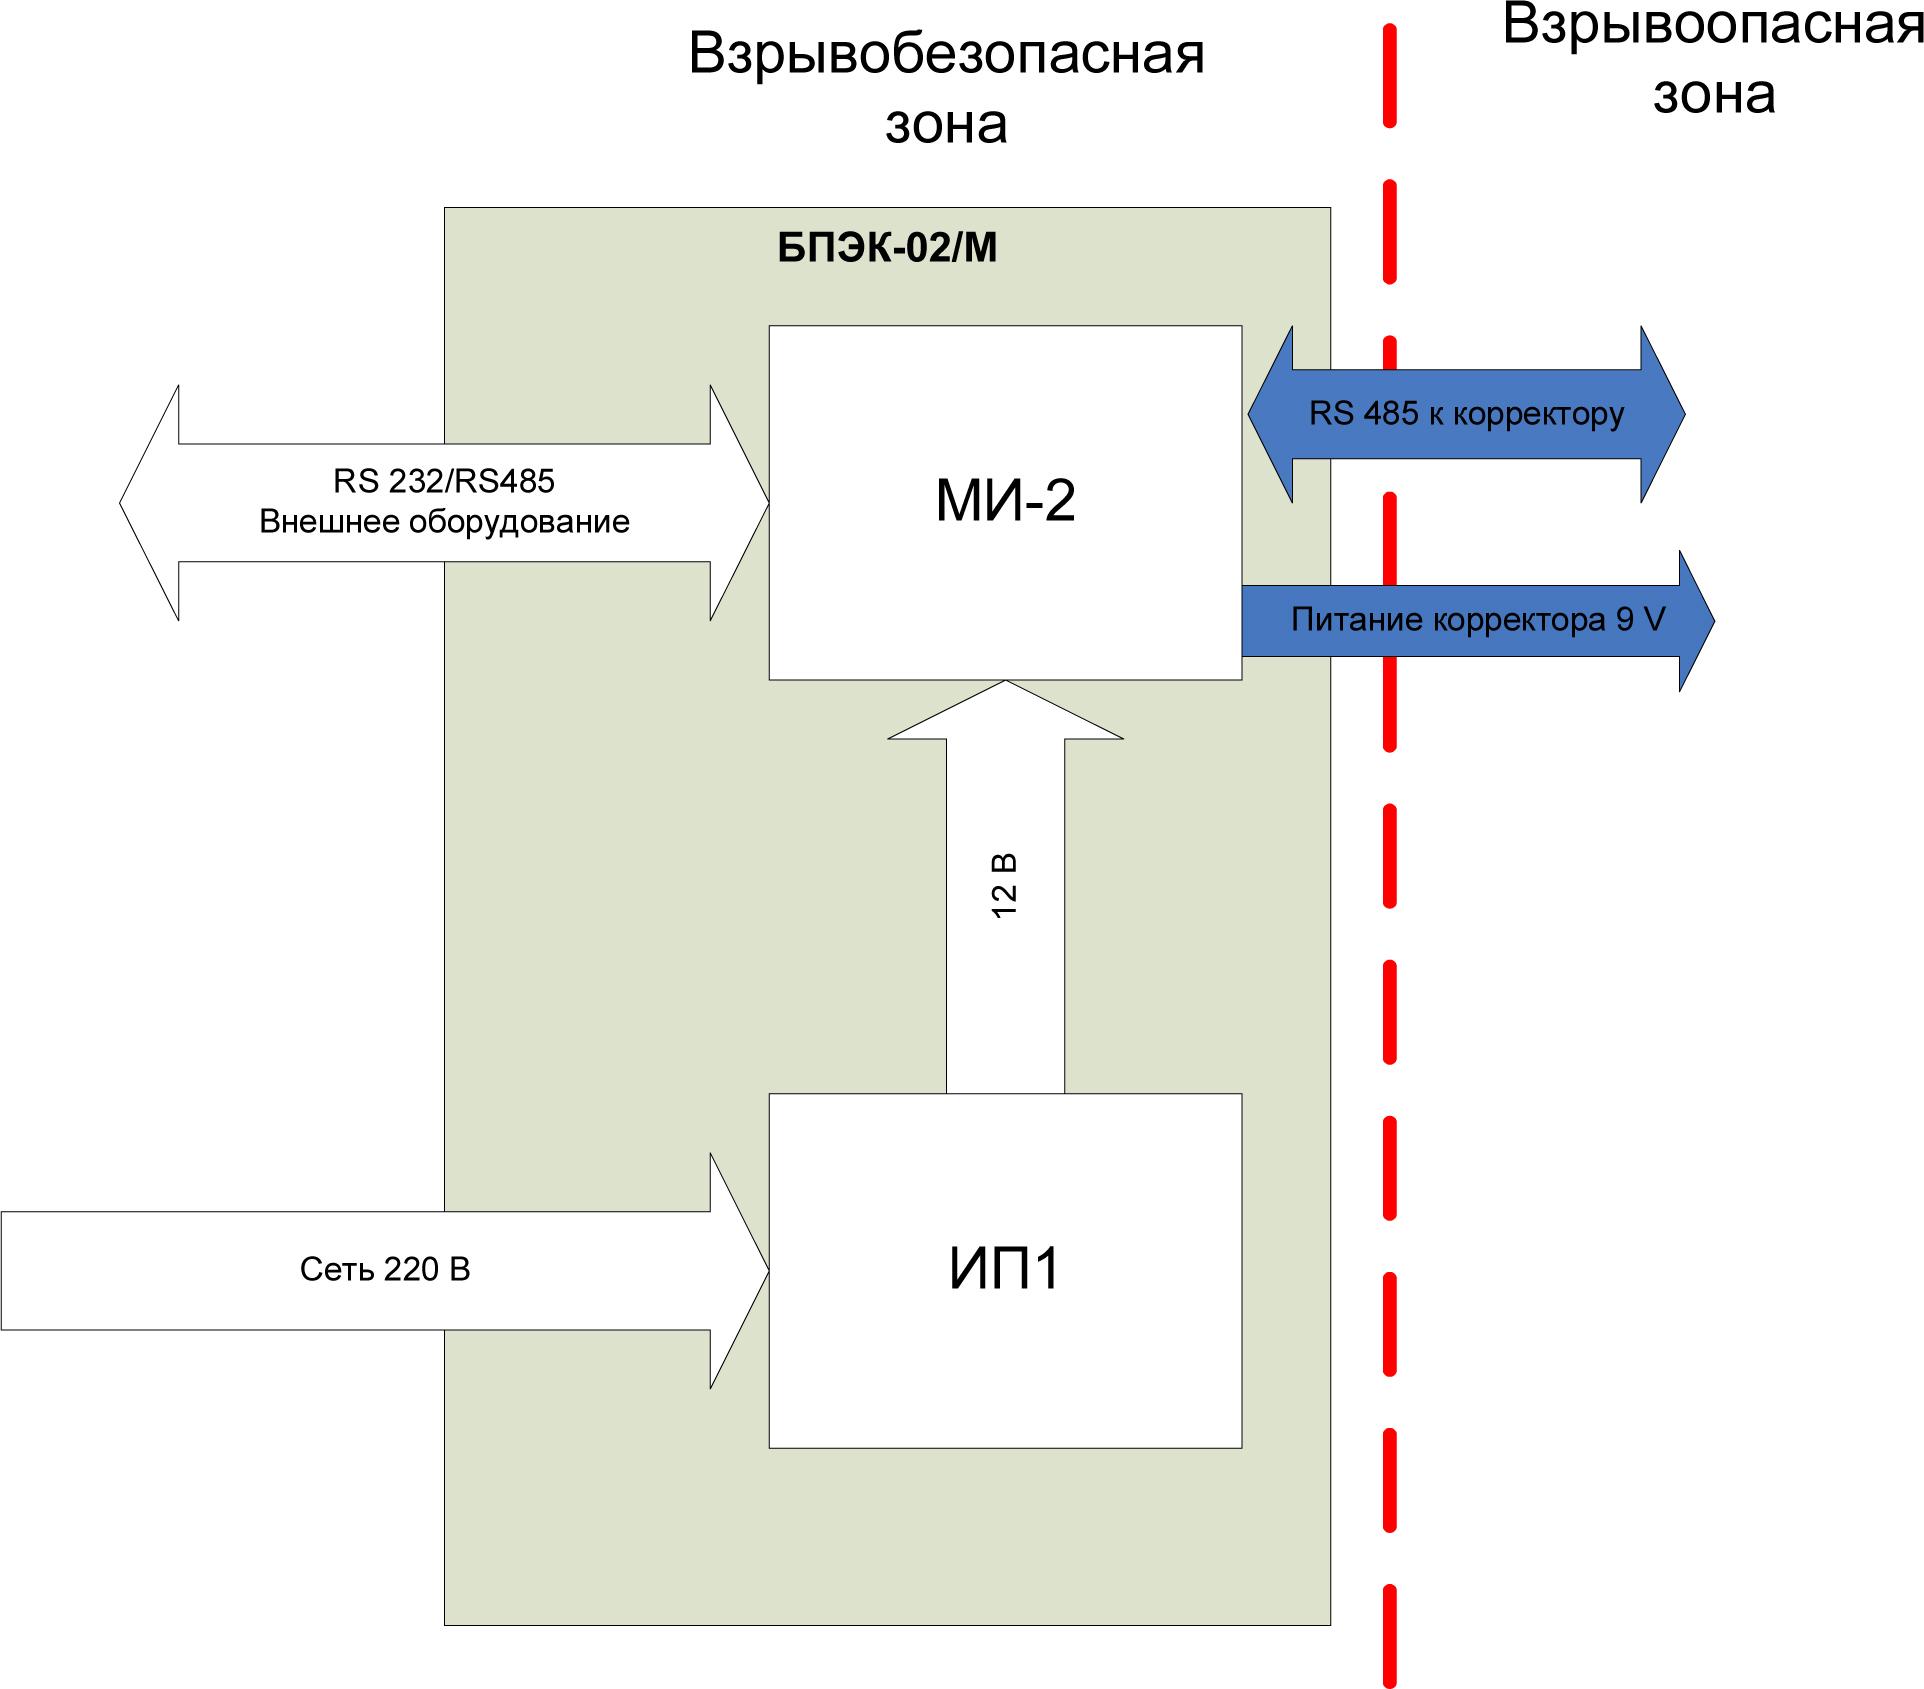 Структурная схема блока питания БПЭК-02/М